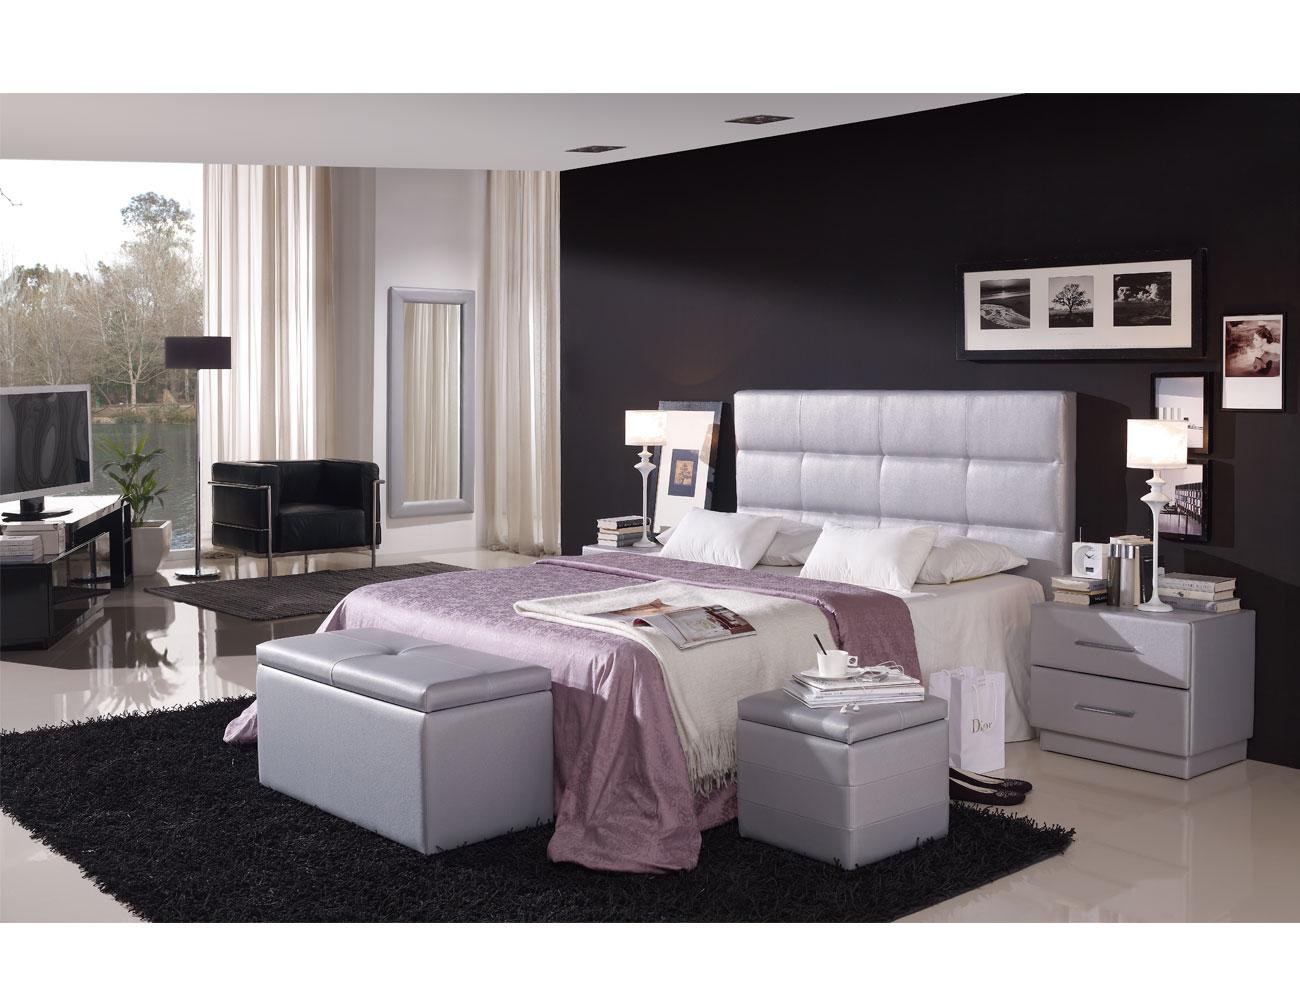 23 marco tapizado dormitorio915